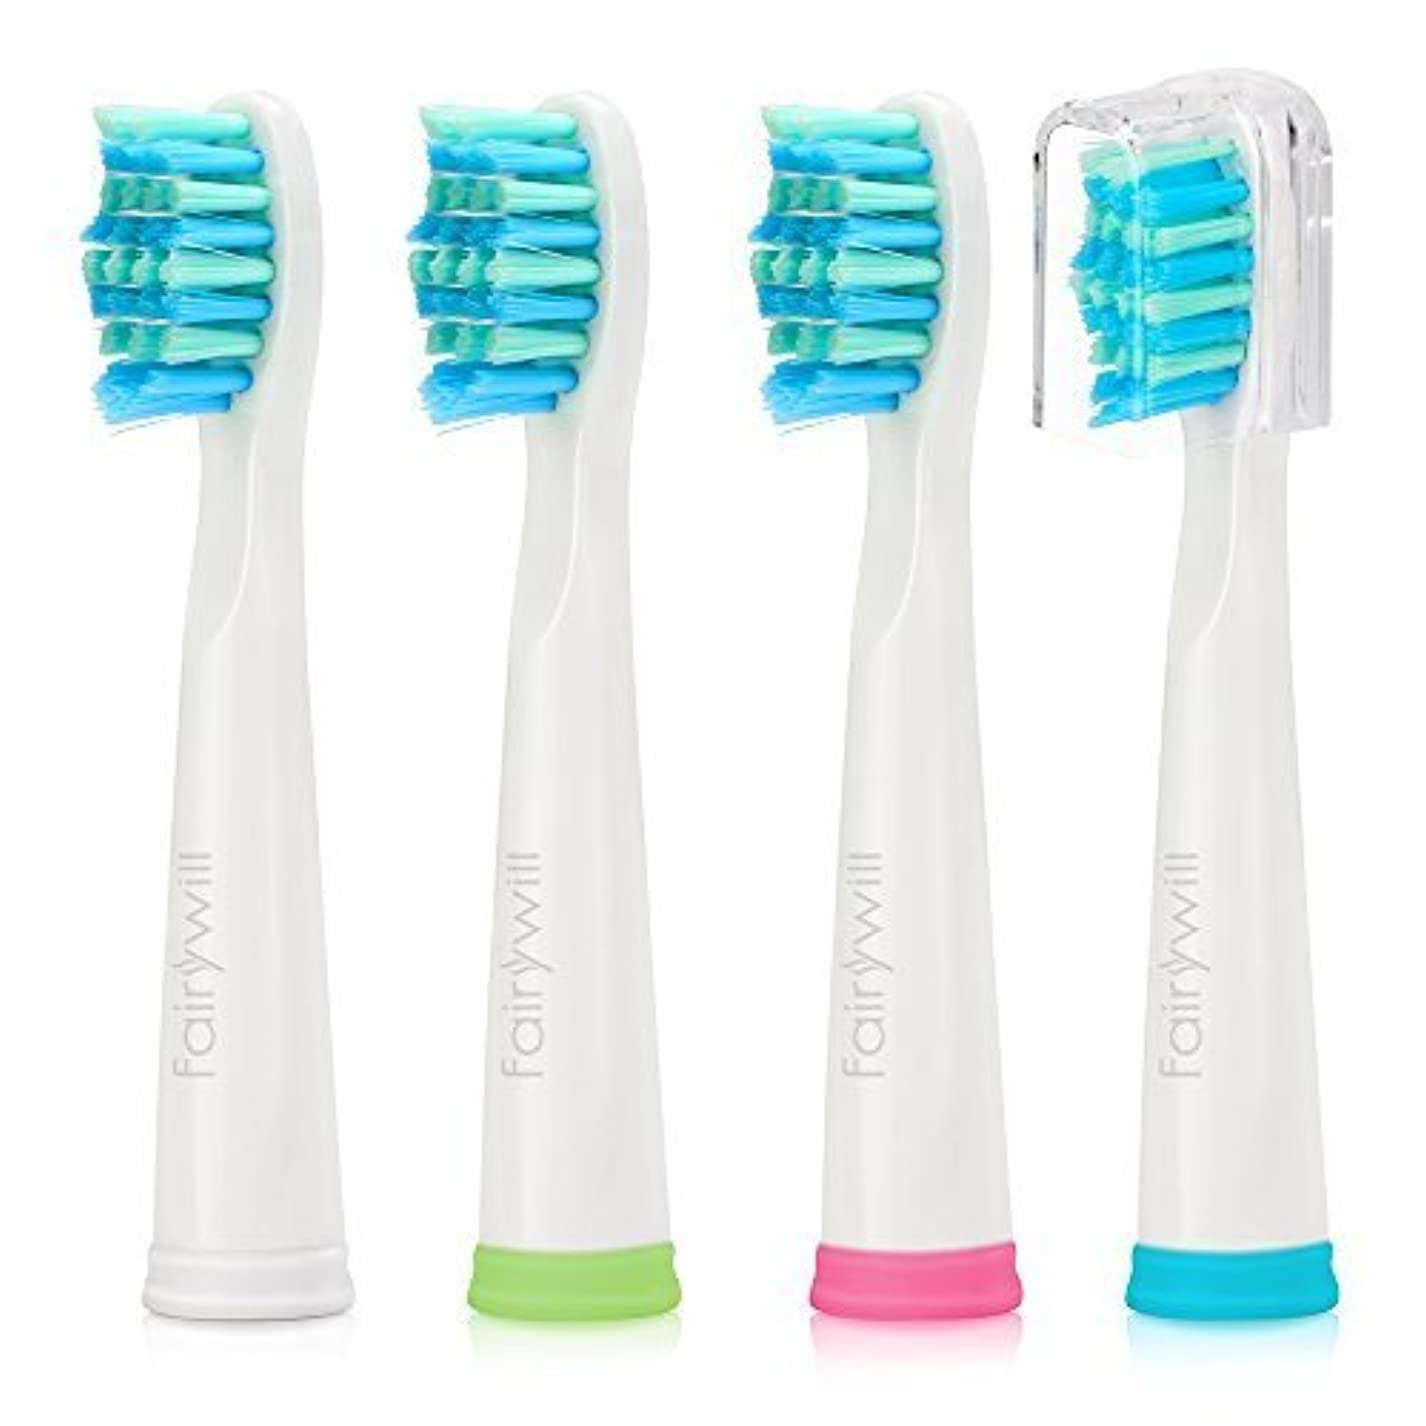 意志カバー模索Fairywill 電動歯ブラシ用 替ブラシ 4本入 互換ブラシ ブラシヘッド やわらかめ BH01